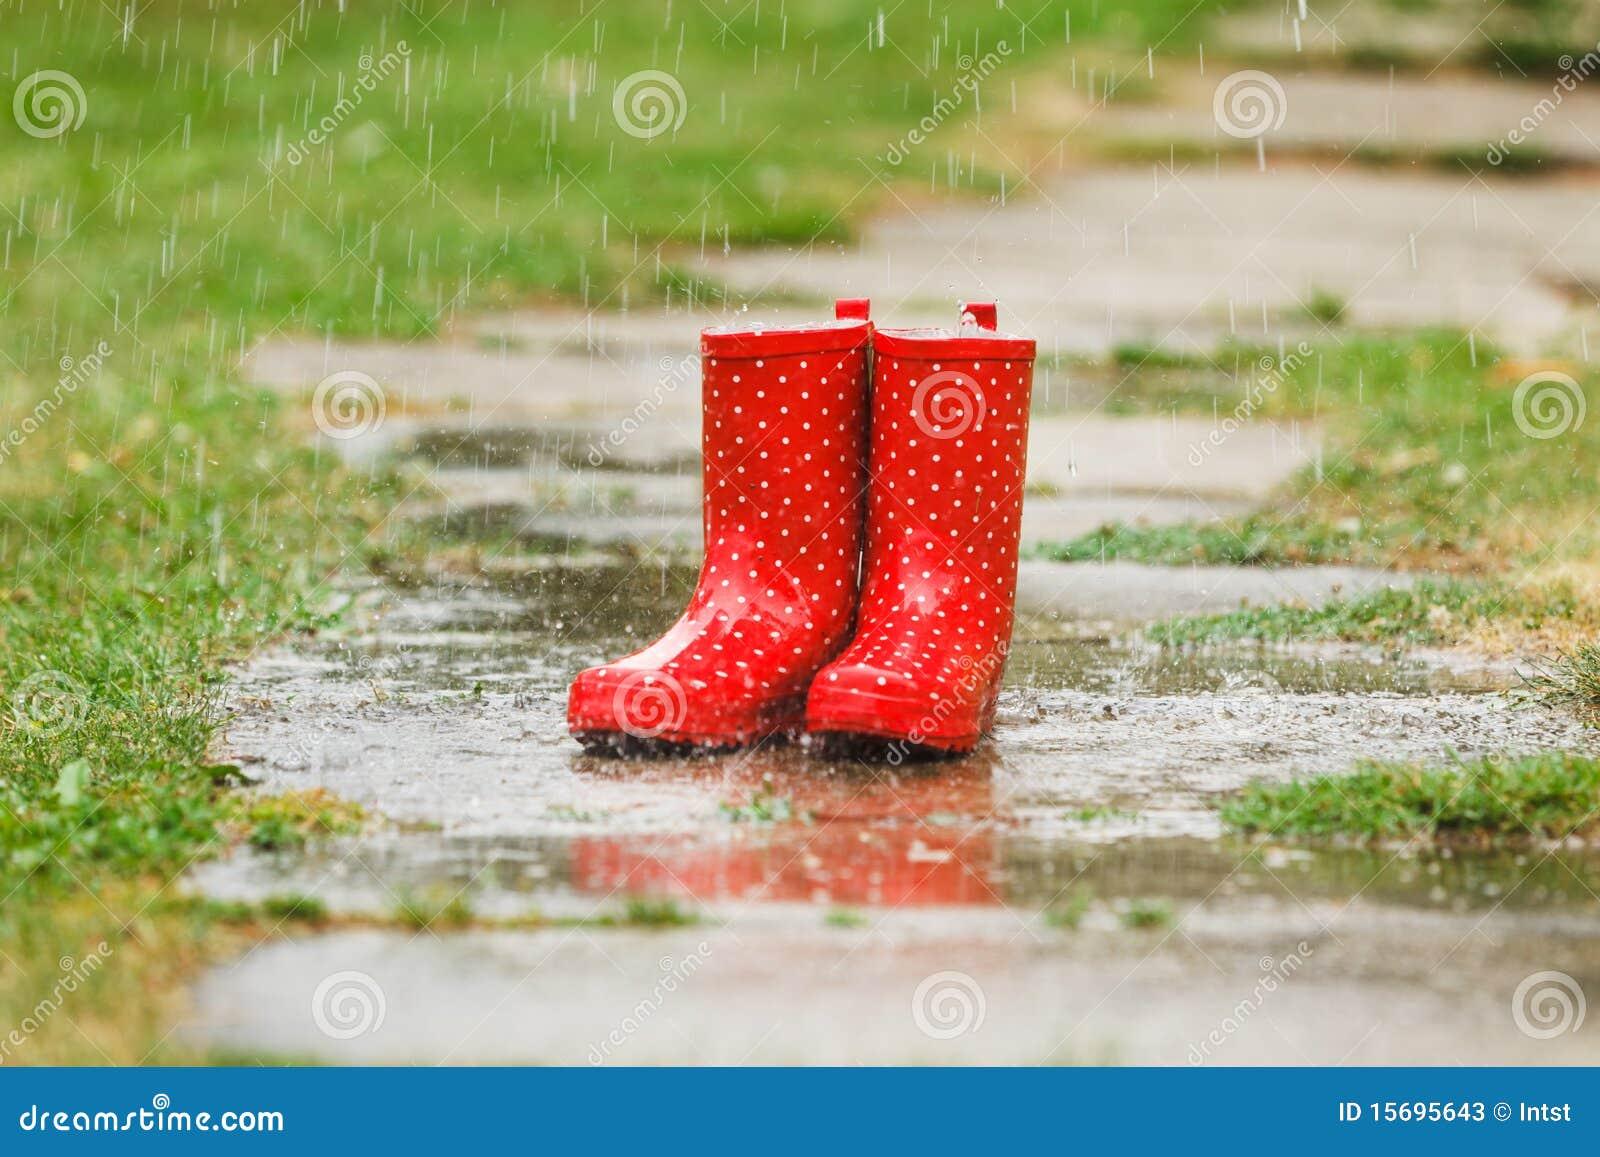 Skor För Regn För Höstpumpa Röd Och Trä Med Leavsbakgrund